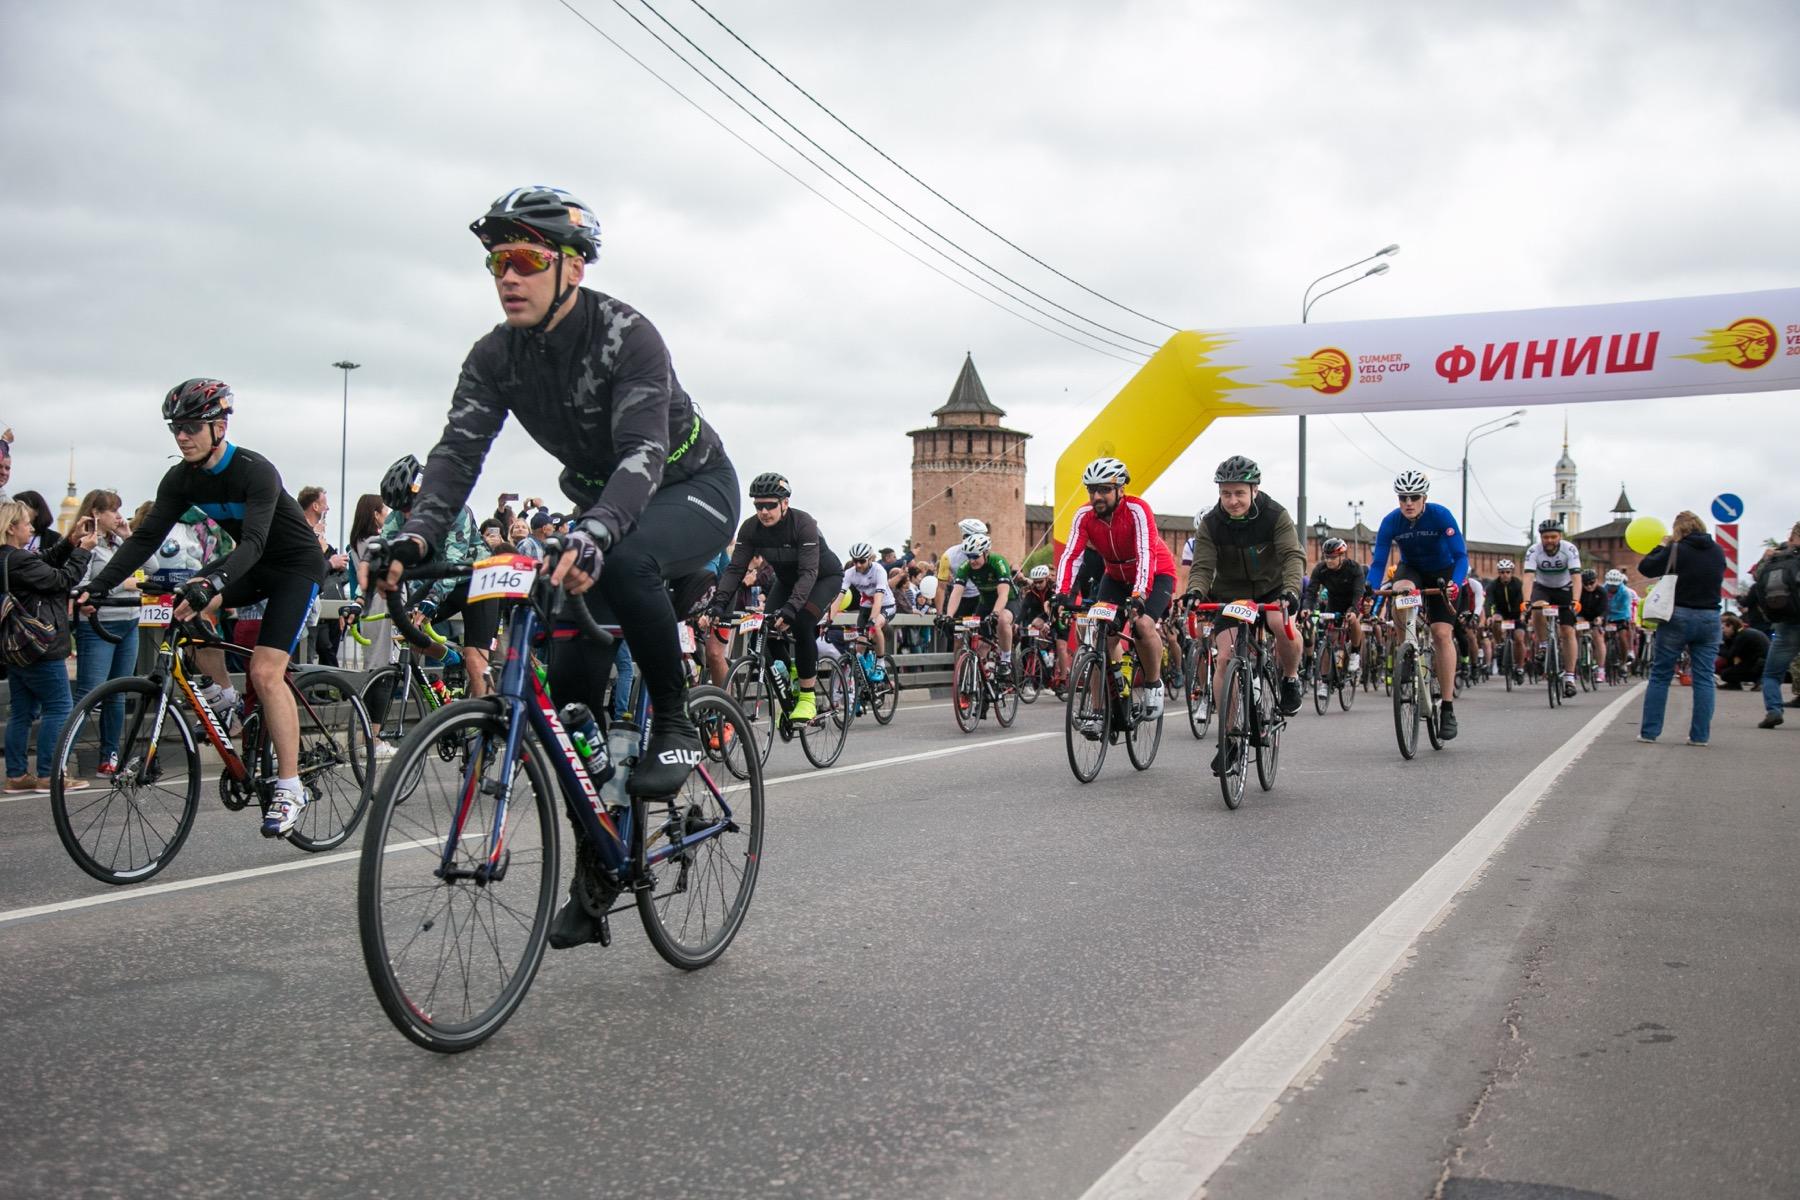 Новости Коломны   Более тысячи участников стартовали на  велофестивале Summer Velo Cup в Коломне Фото (Коломна)   iz zhizni kolomnyi